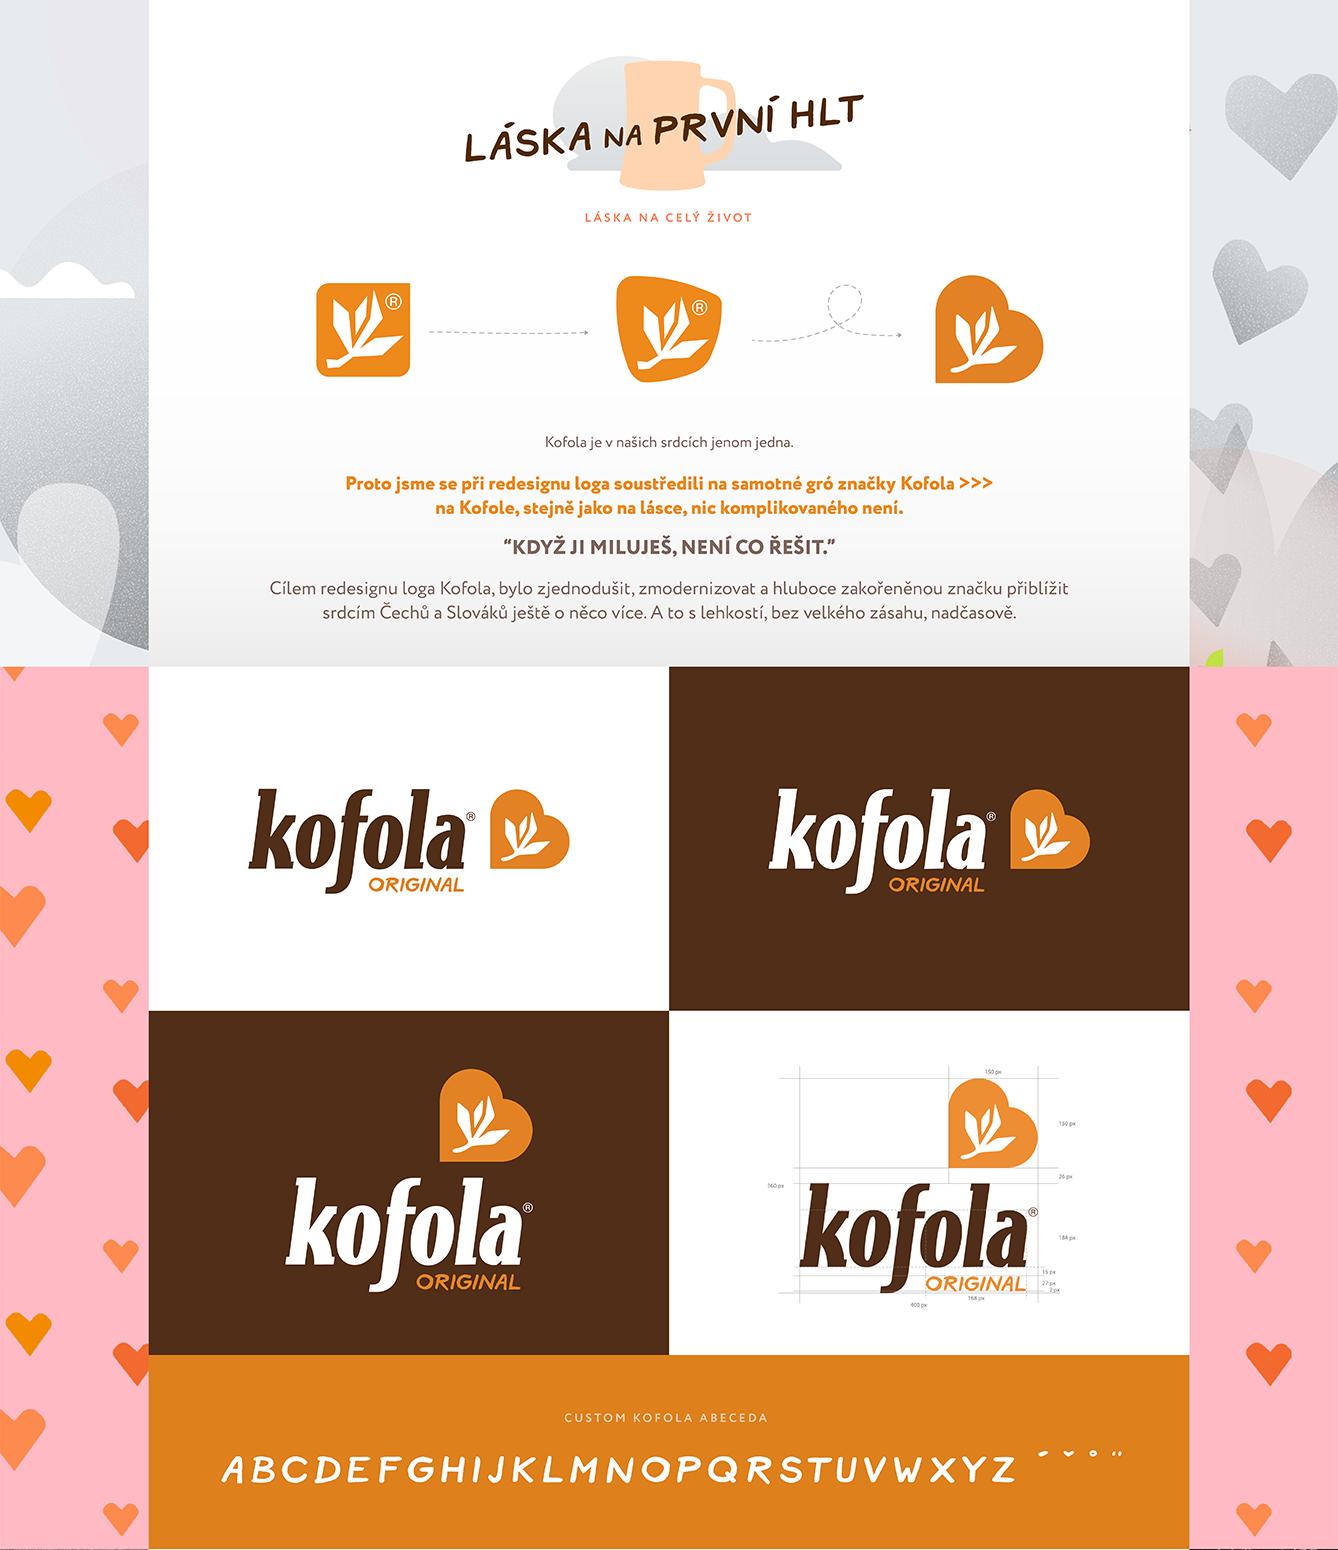 kofola_2